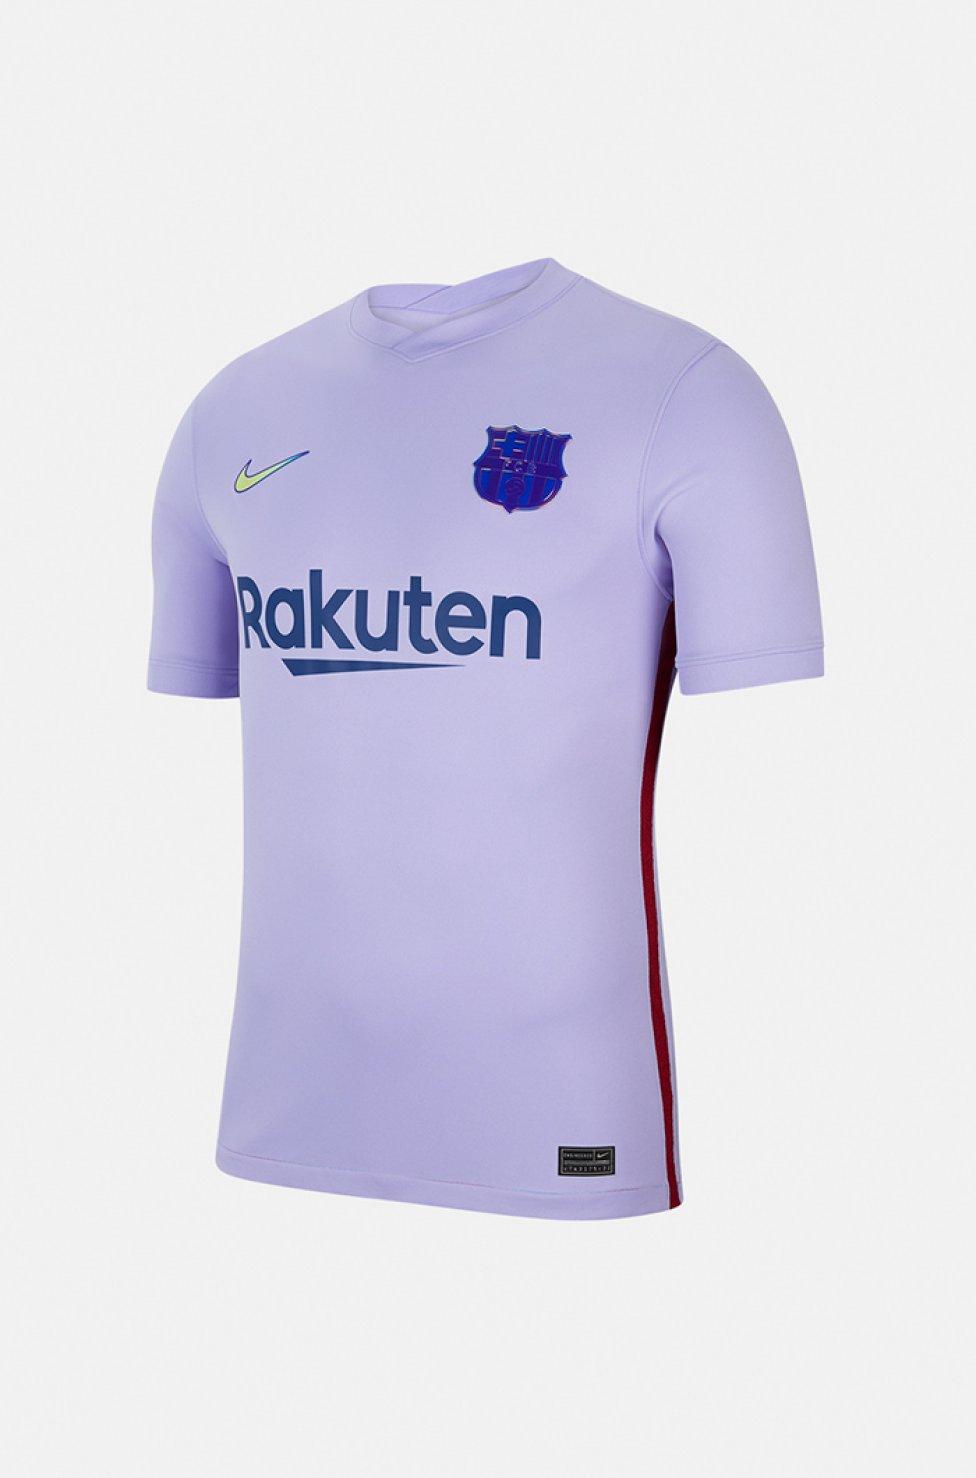 El FC Barcelona ha presentado la que será la segunda equipación para la temporada que viene con un mensaje muy claro: el empoderamiento de la mujer. Apuesta por el púrpura, color que nace la fusión del azul y el grana y con el que popularmente se representa la lucha por la igualdad de género.